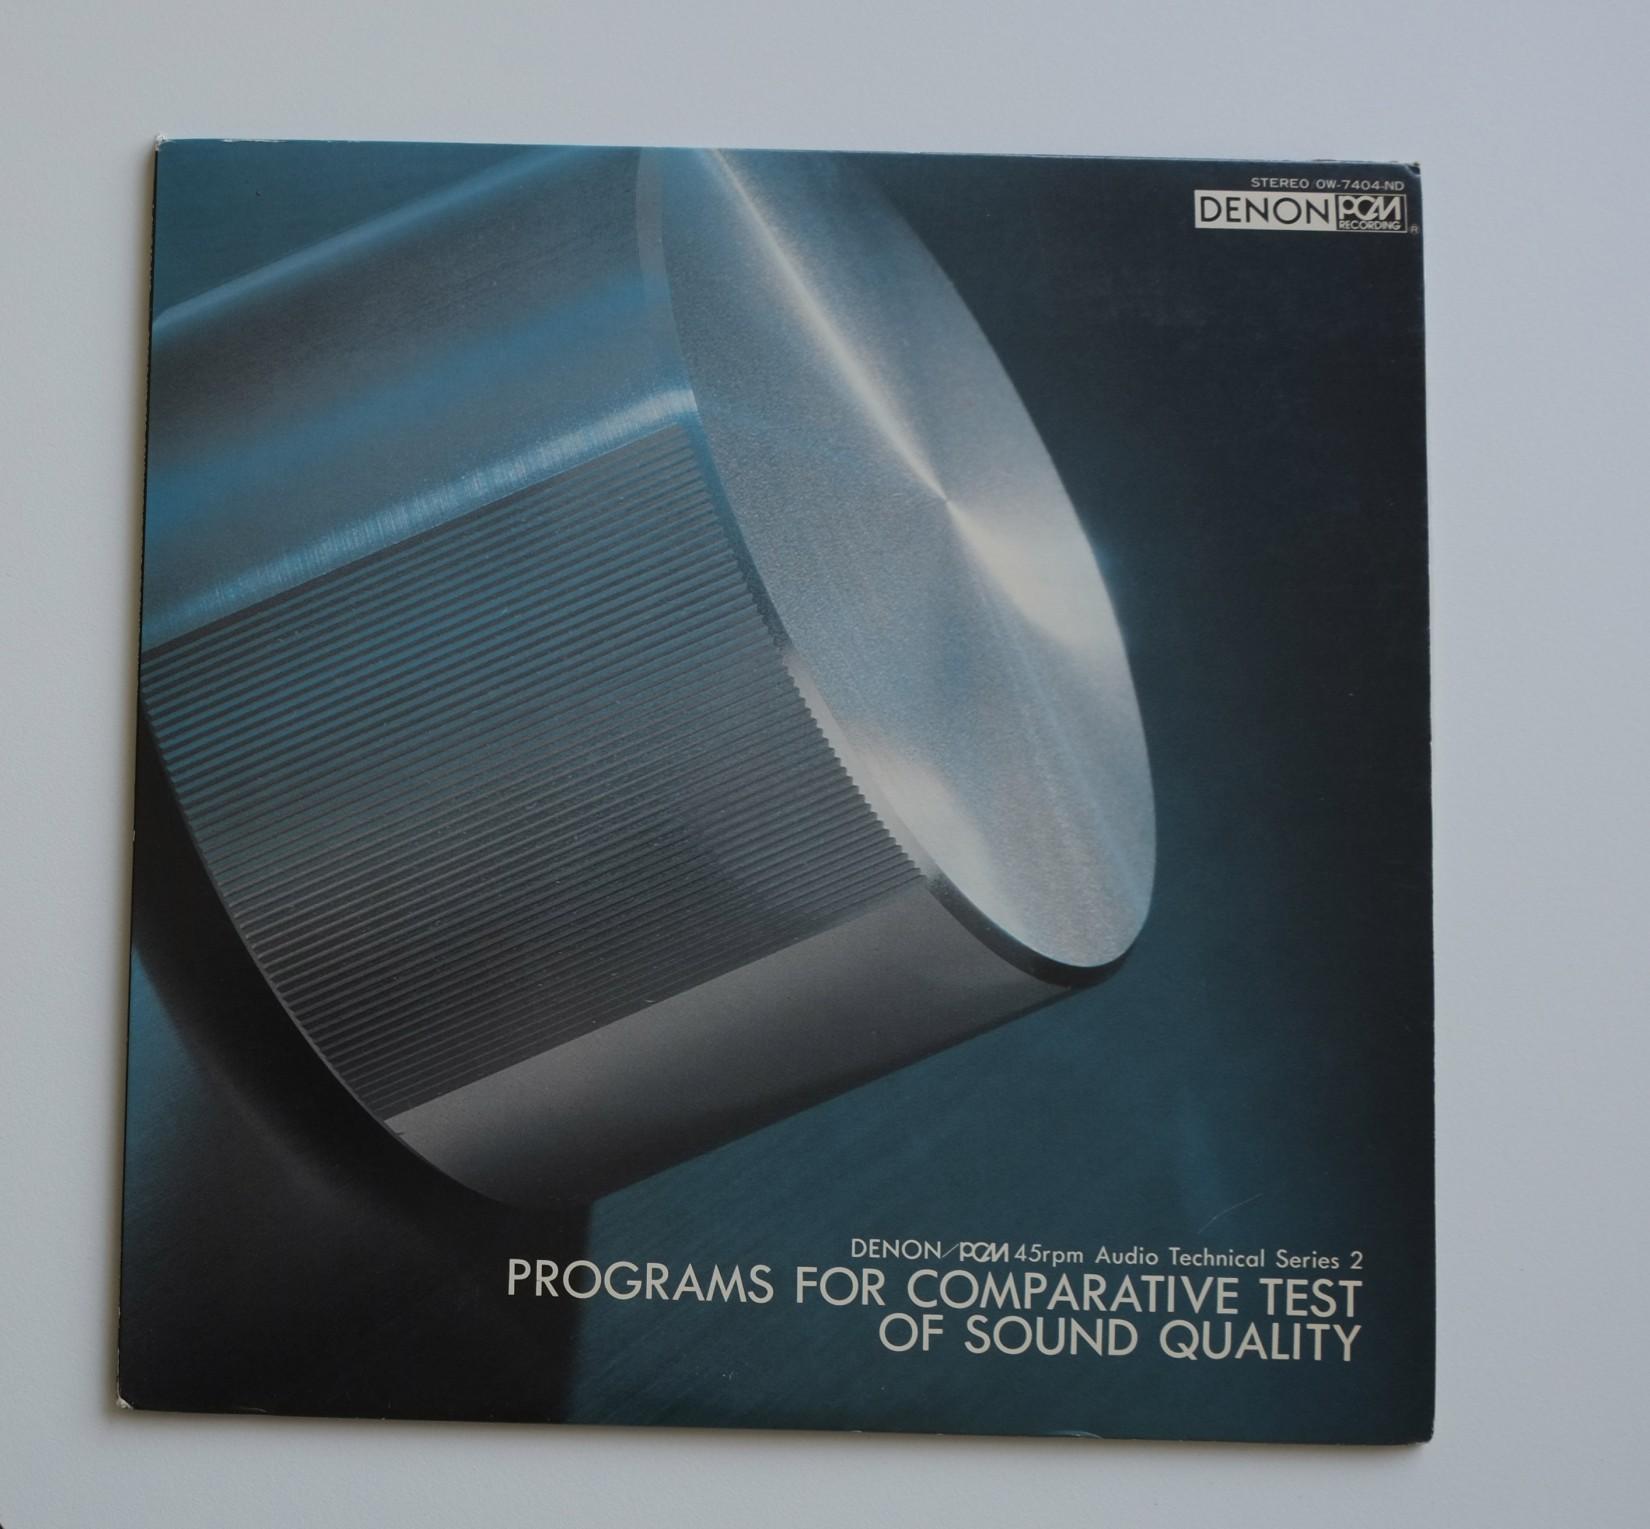 LP-Denon-7404-1